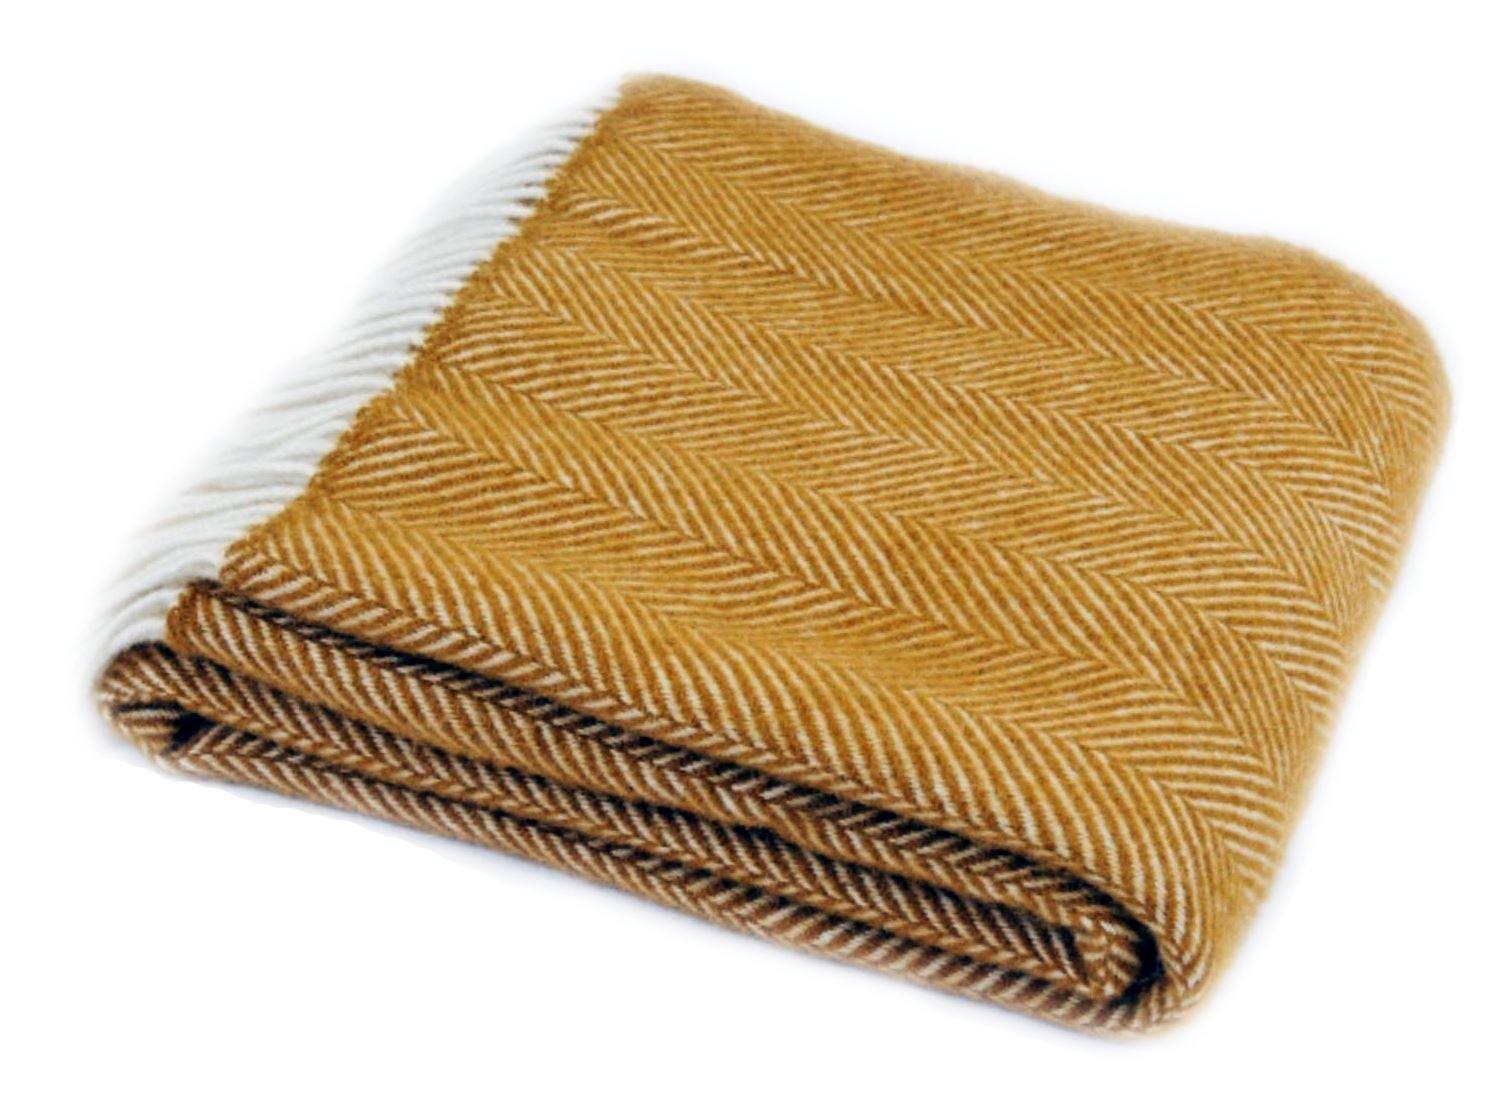 Tweedmill Textiles Couvre-lit en pure laine vierge Motifs chevrons Jaune moutarde